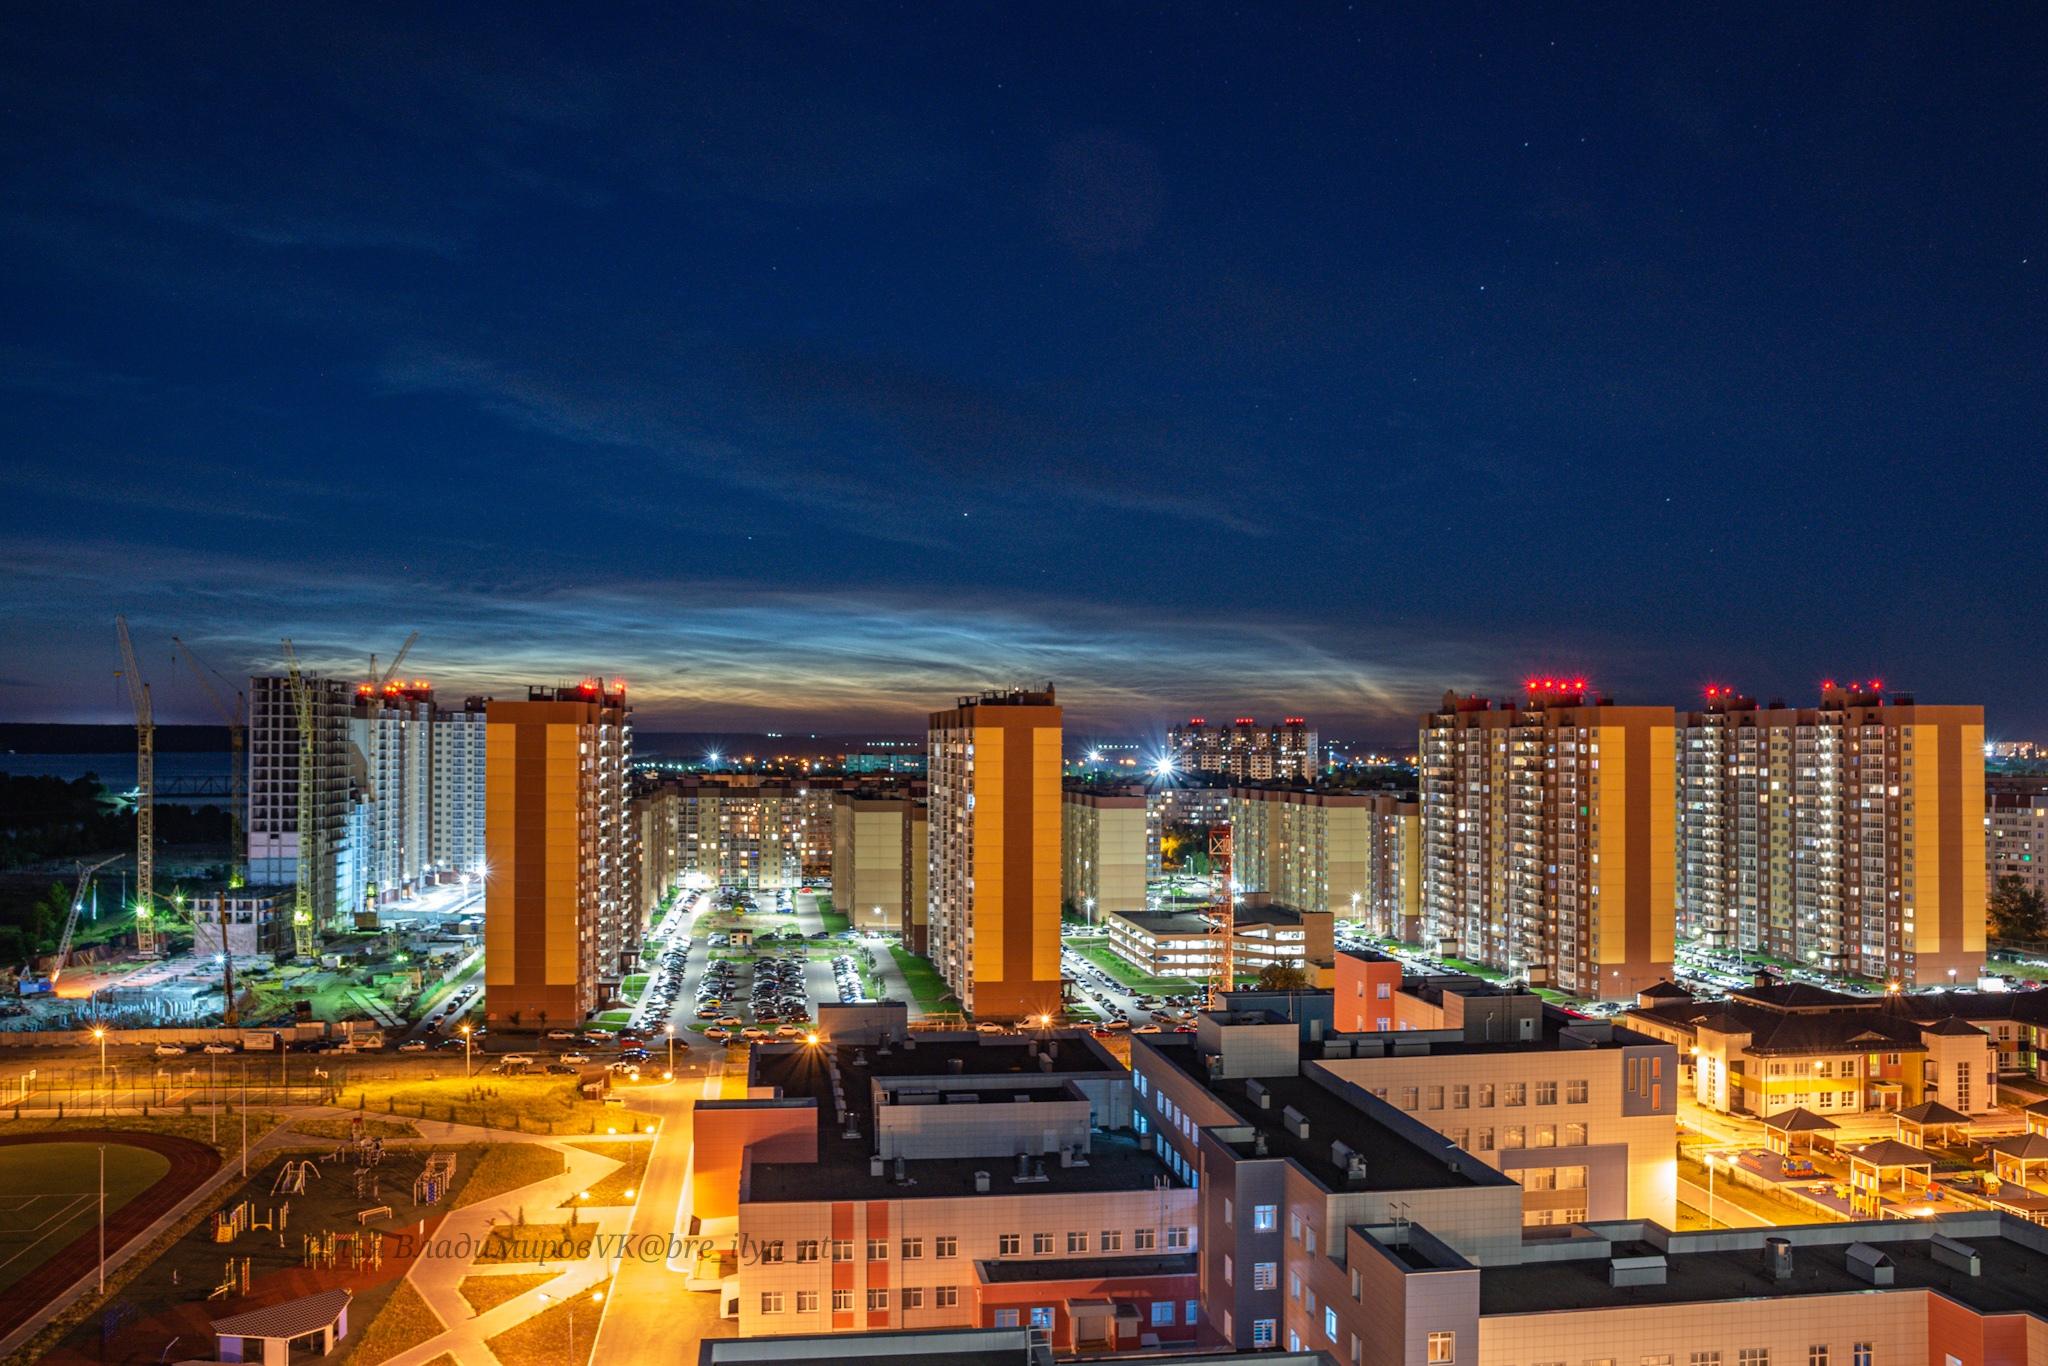 Воронеж, Отрожка и серебристые облака